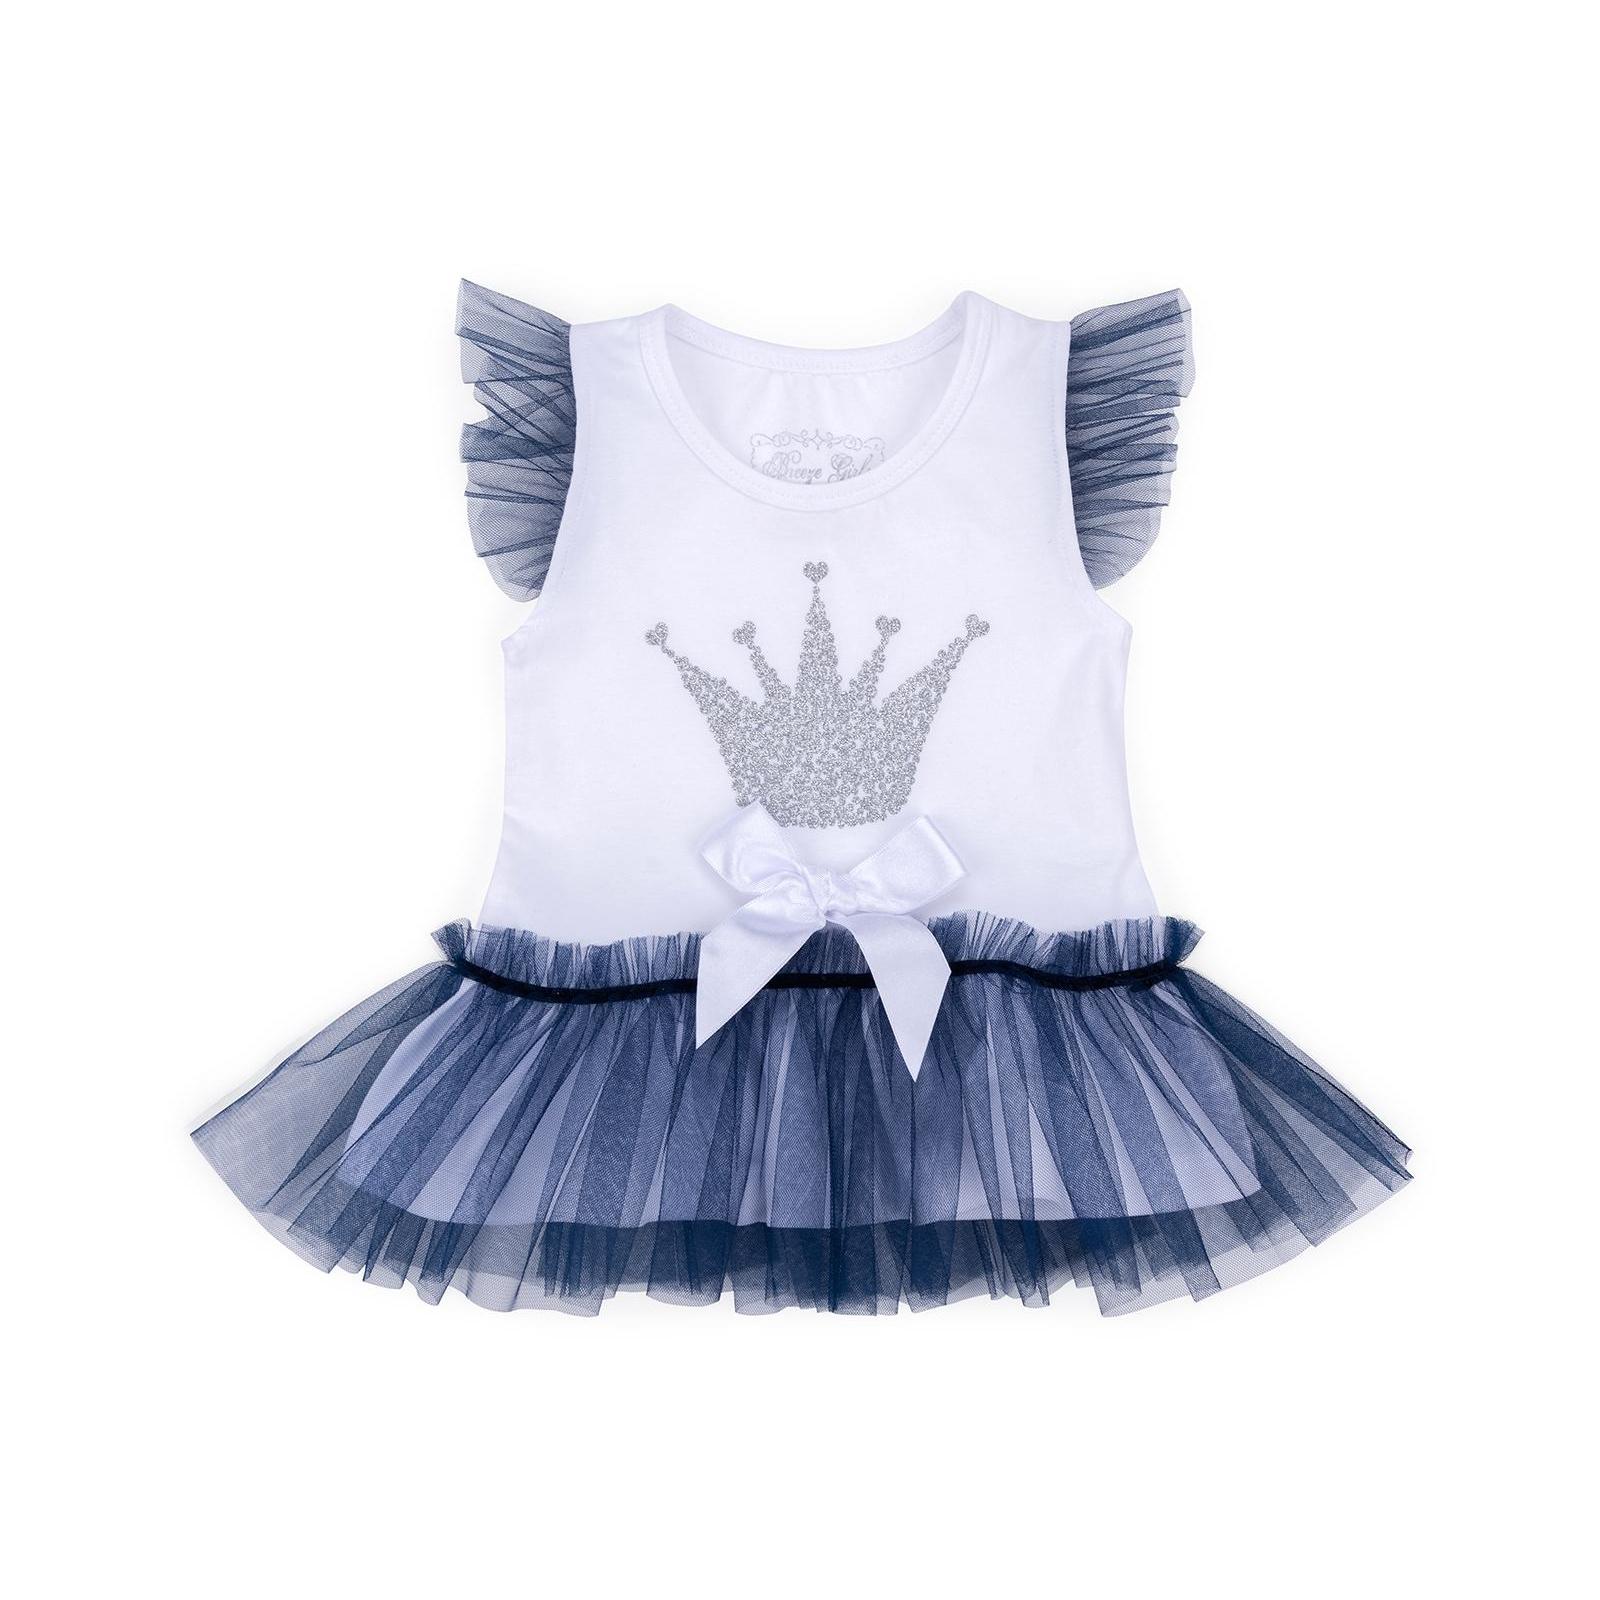 Набор детской одежды Breeze с коронкой (10869-110G-blue) изображение 2